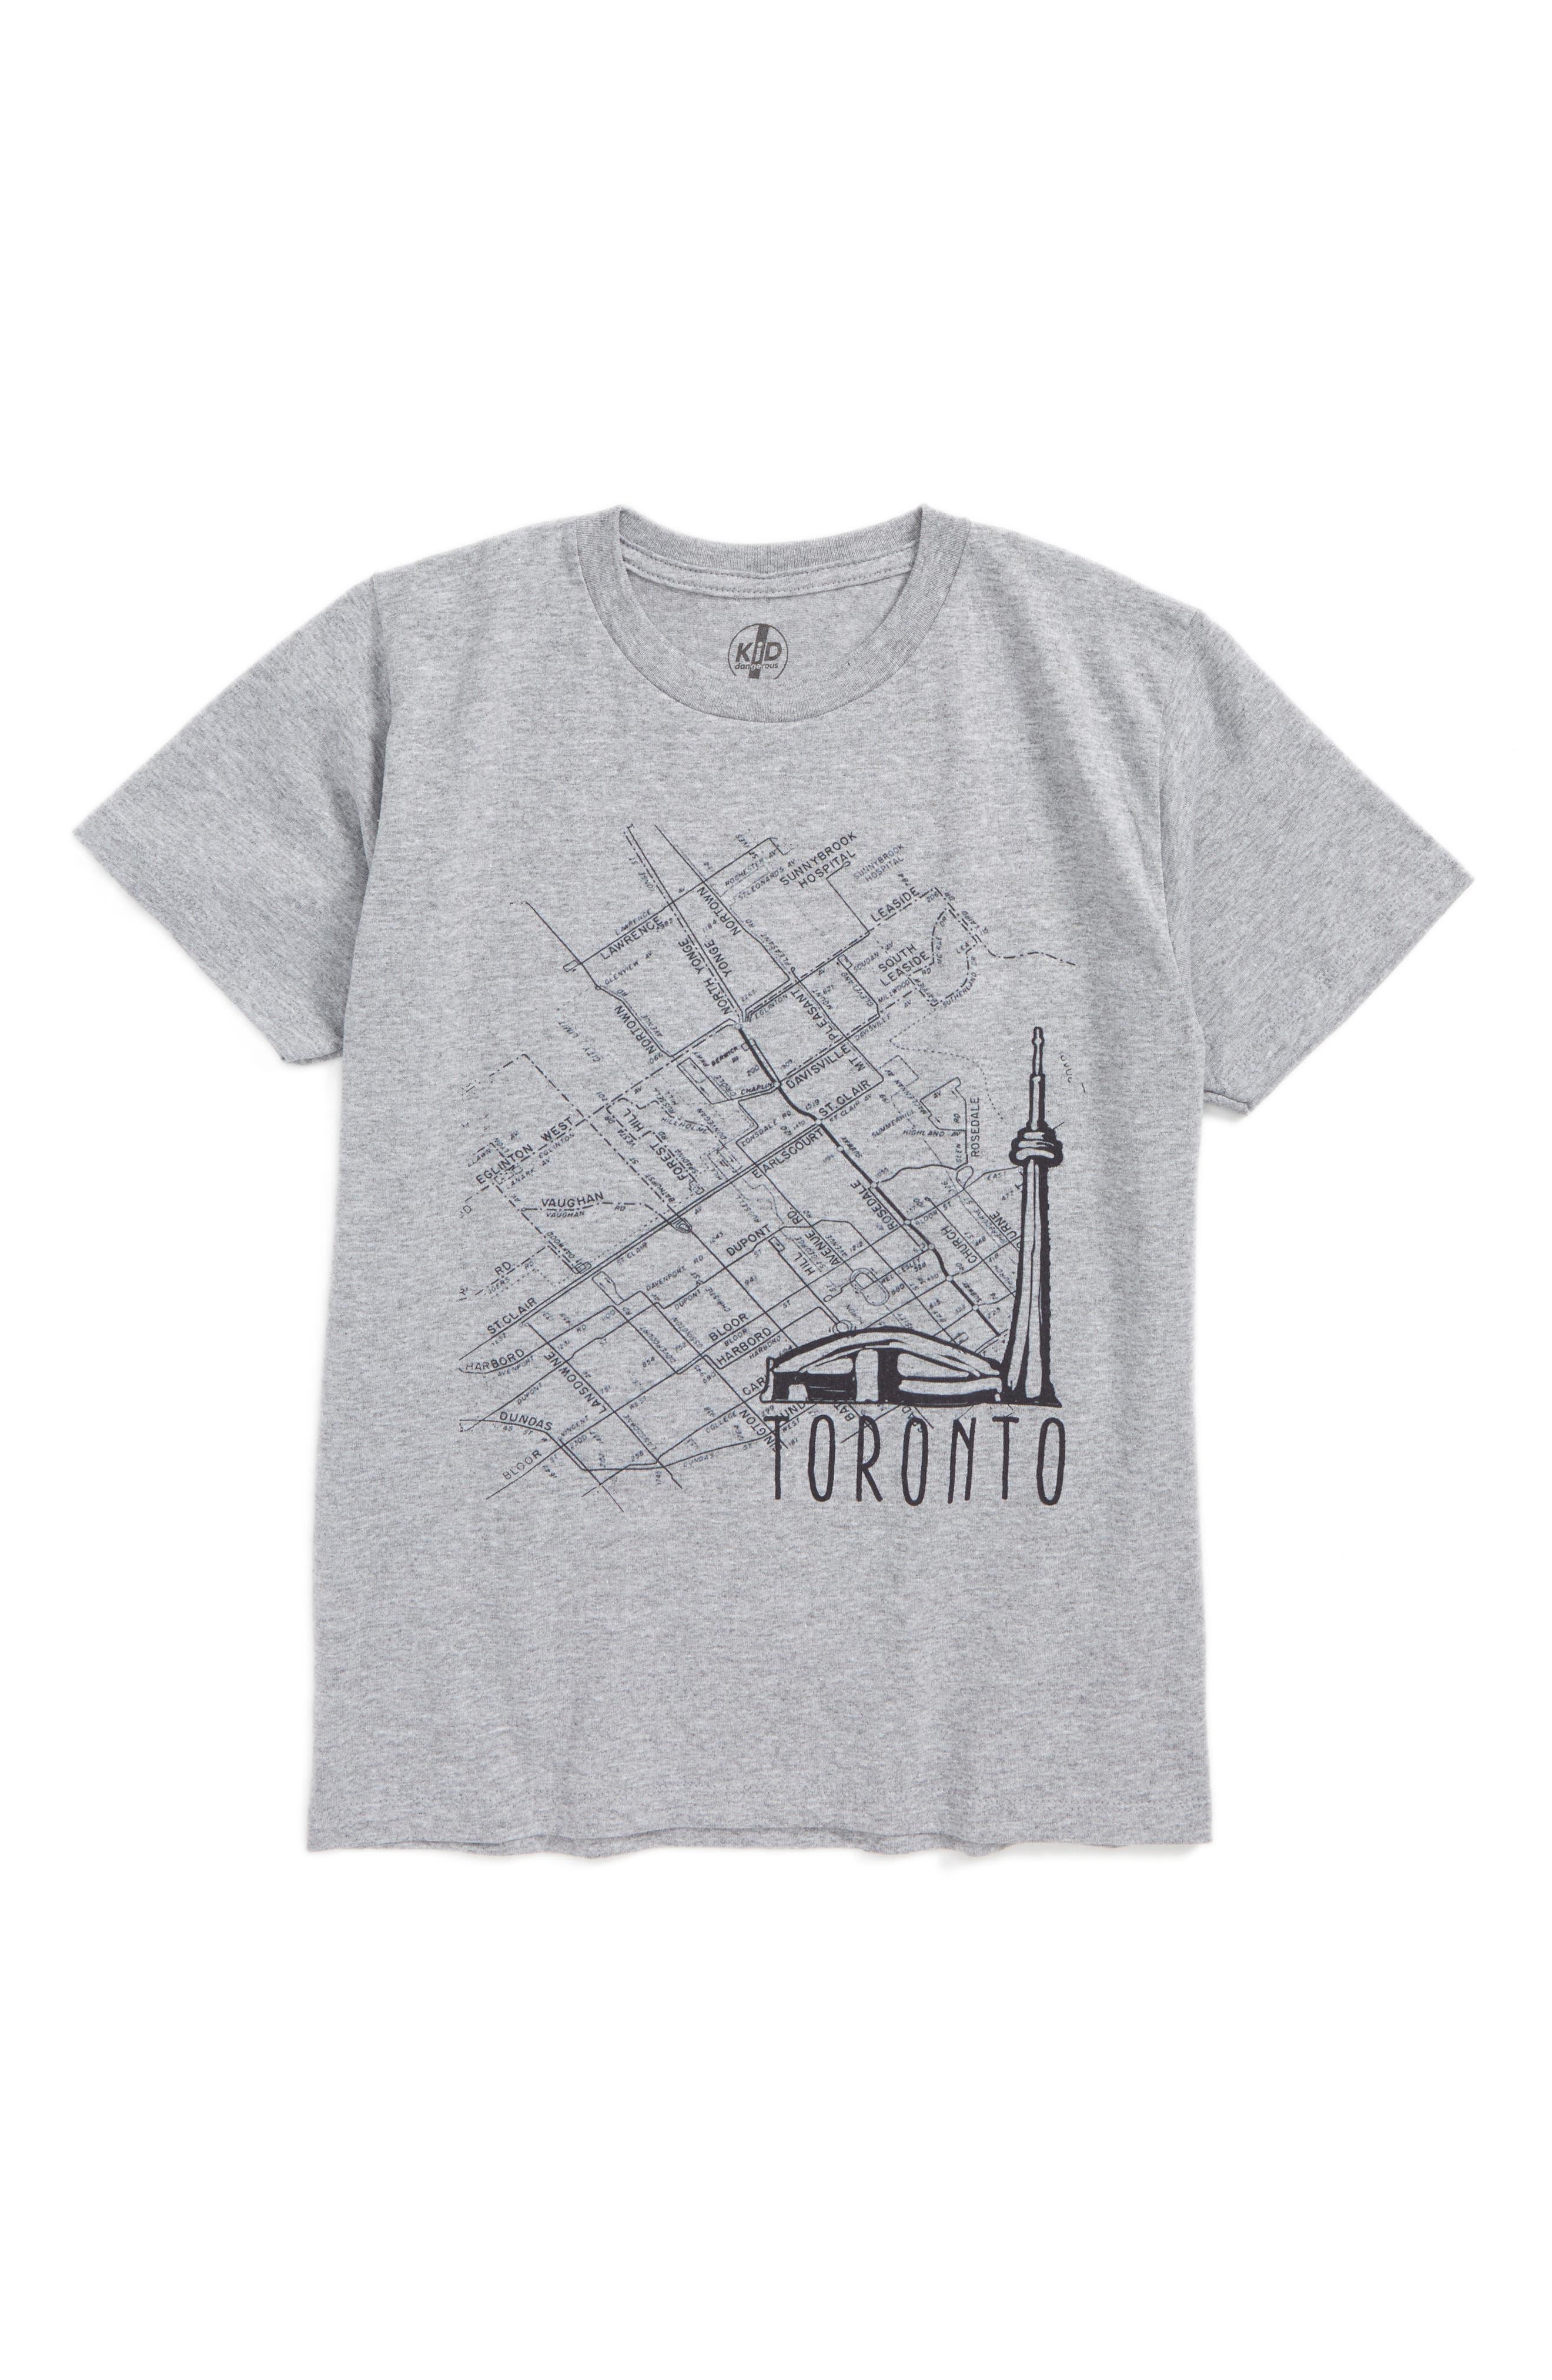 Toronto Map Graphic T-Shirt,                             Main thumbnail 1, color,                             030